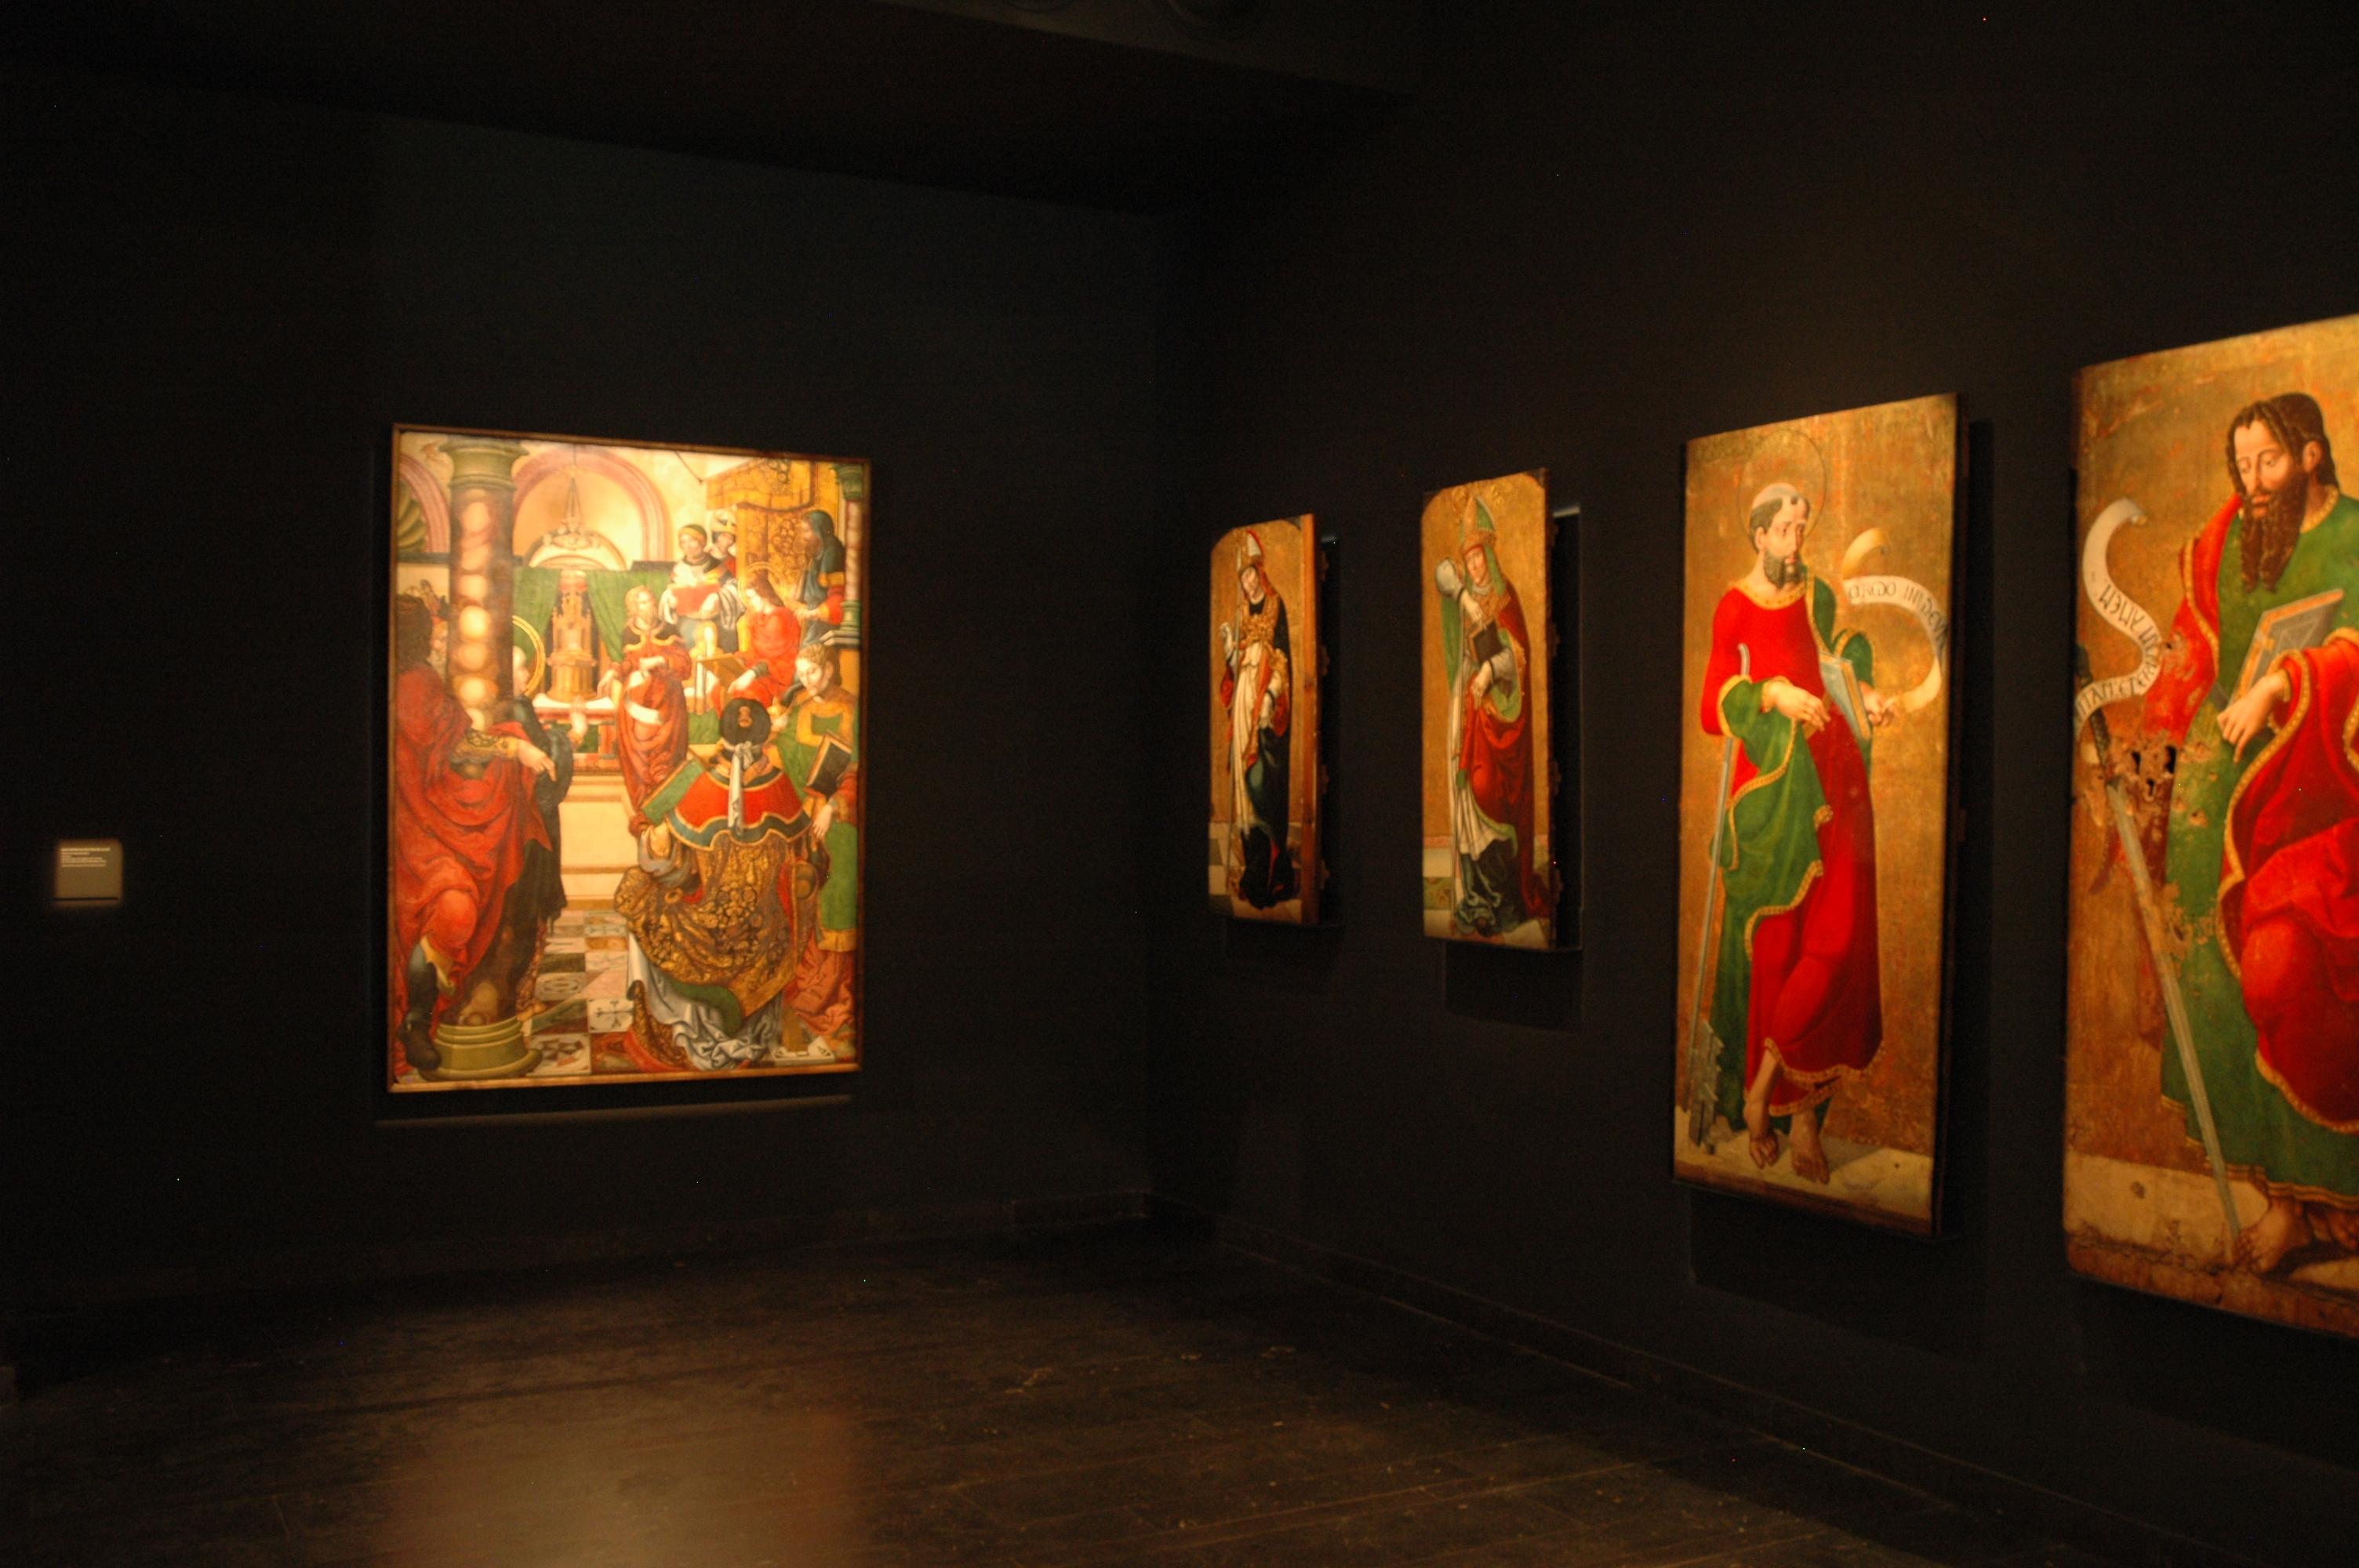 La taula actualment exposada al Museu de Lleida. Foto: Museu de Lleida